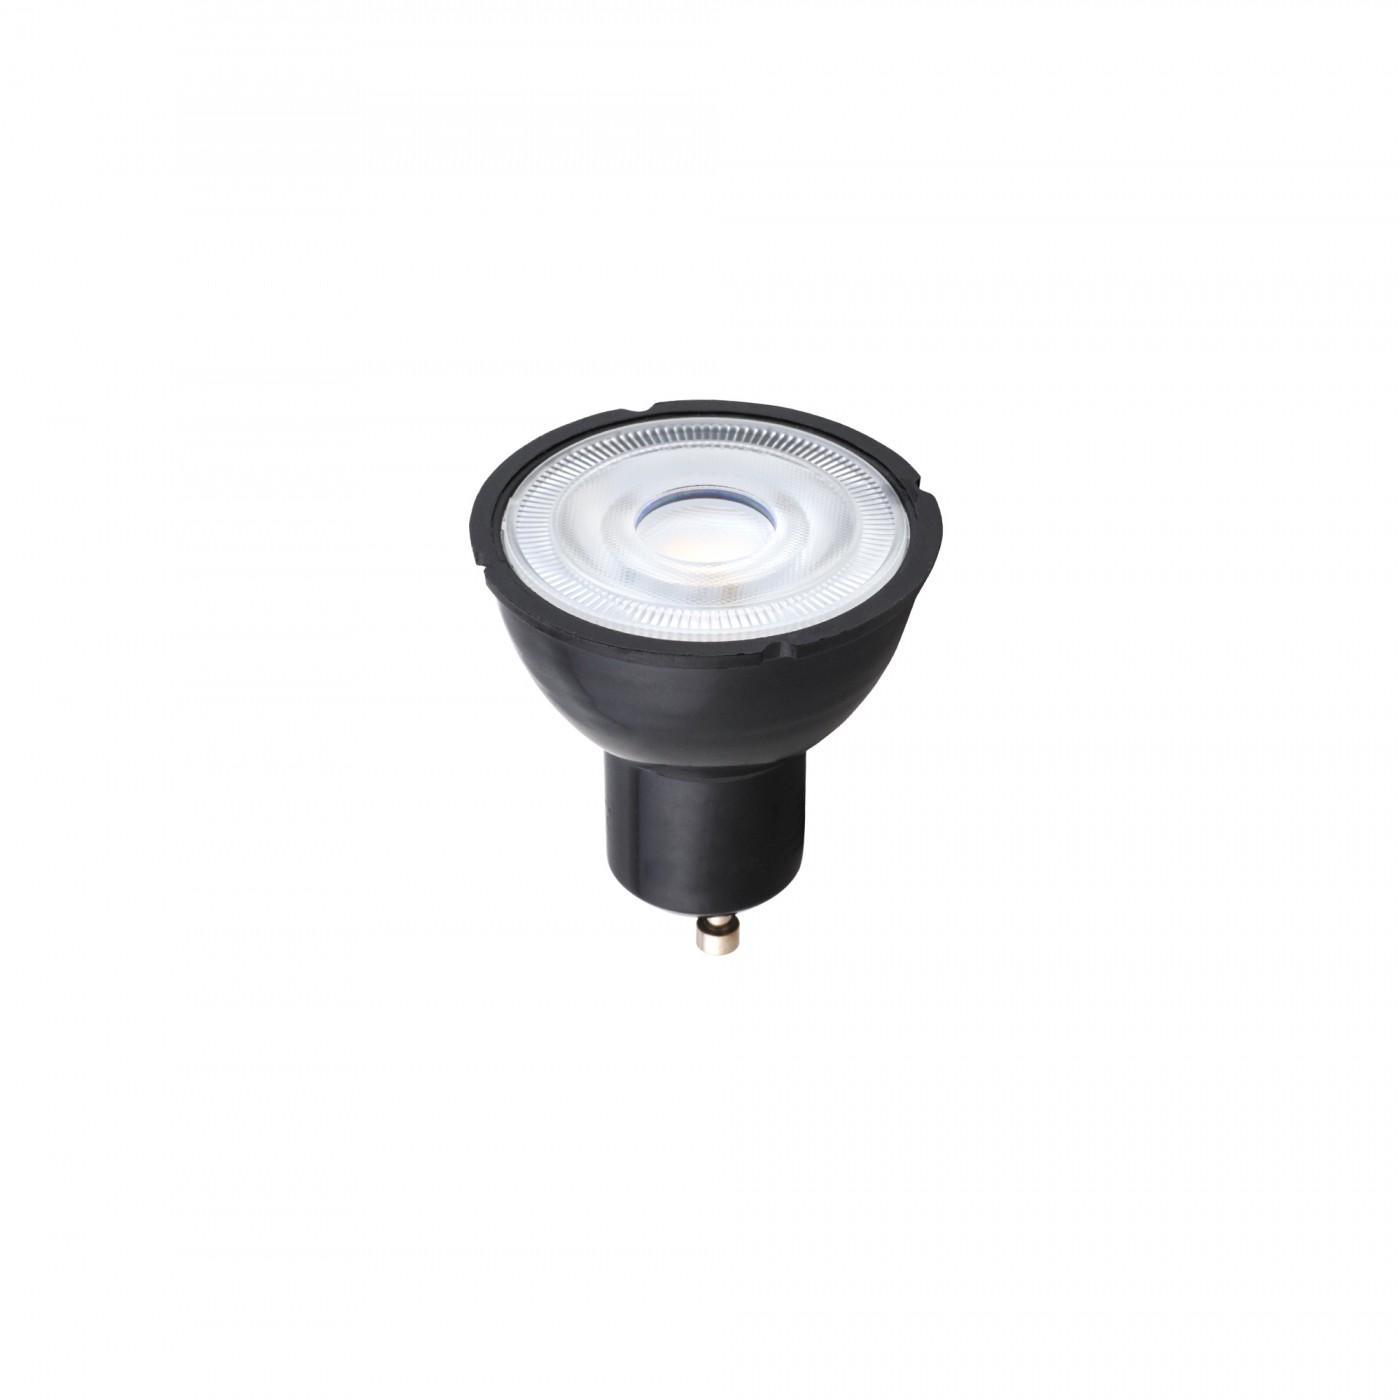 LED GU10 R50 7W  4000K 8347 Nowodvorski Lighting